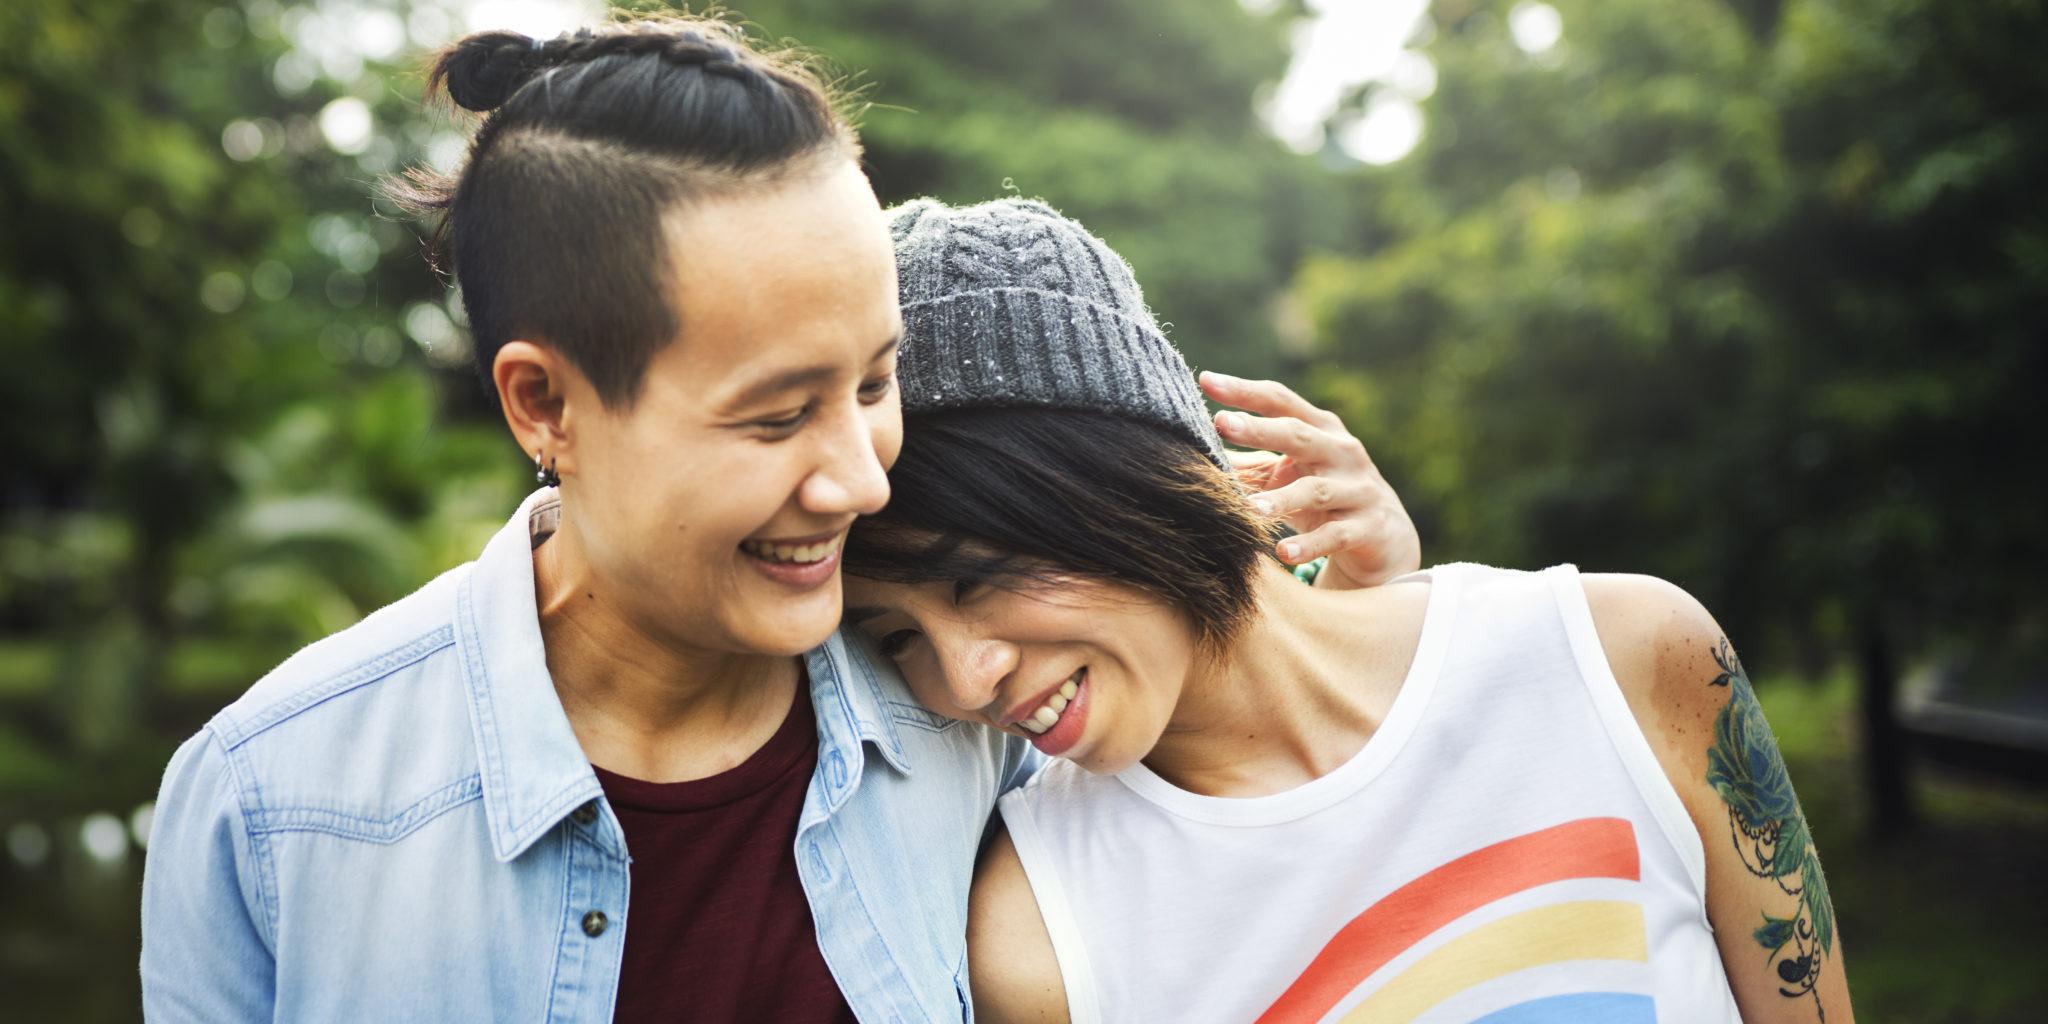 Independencia significado yahoo dating